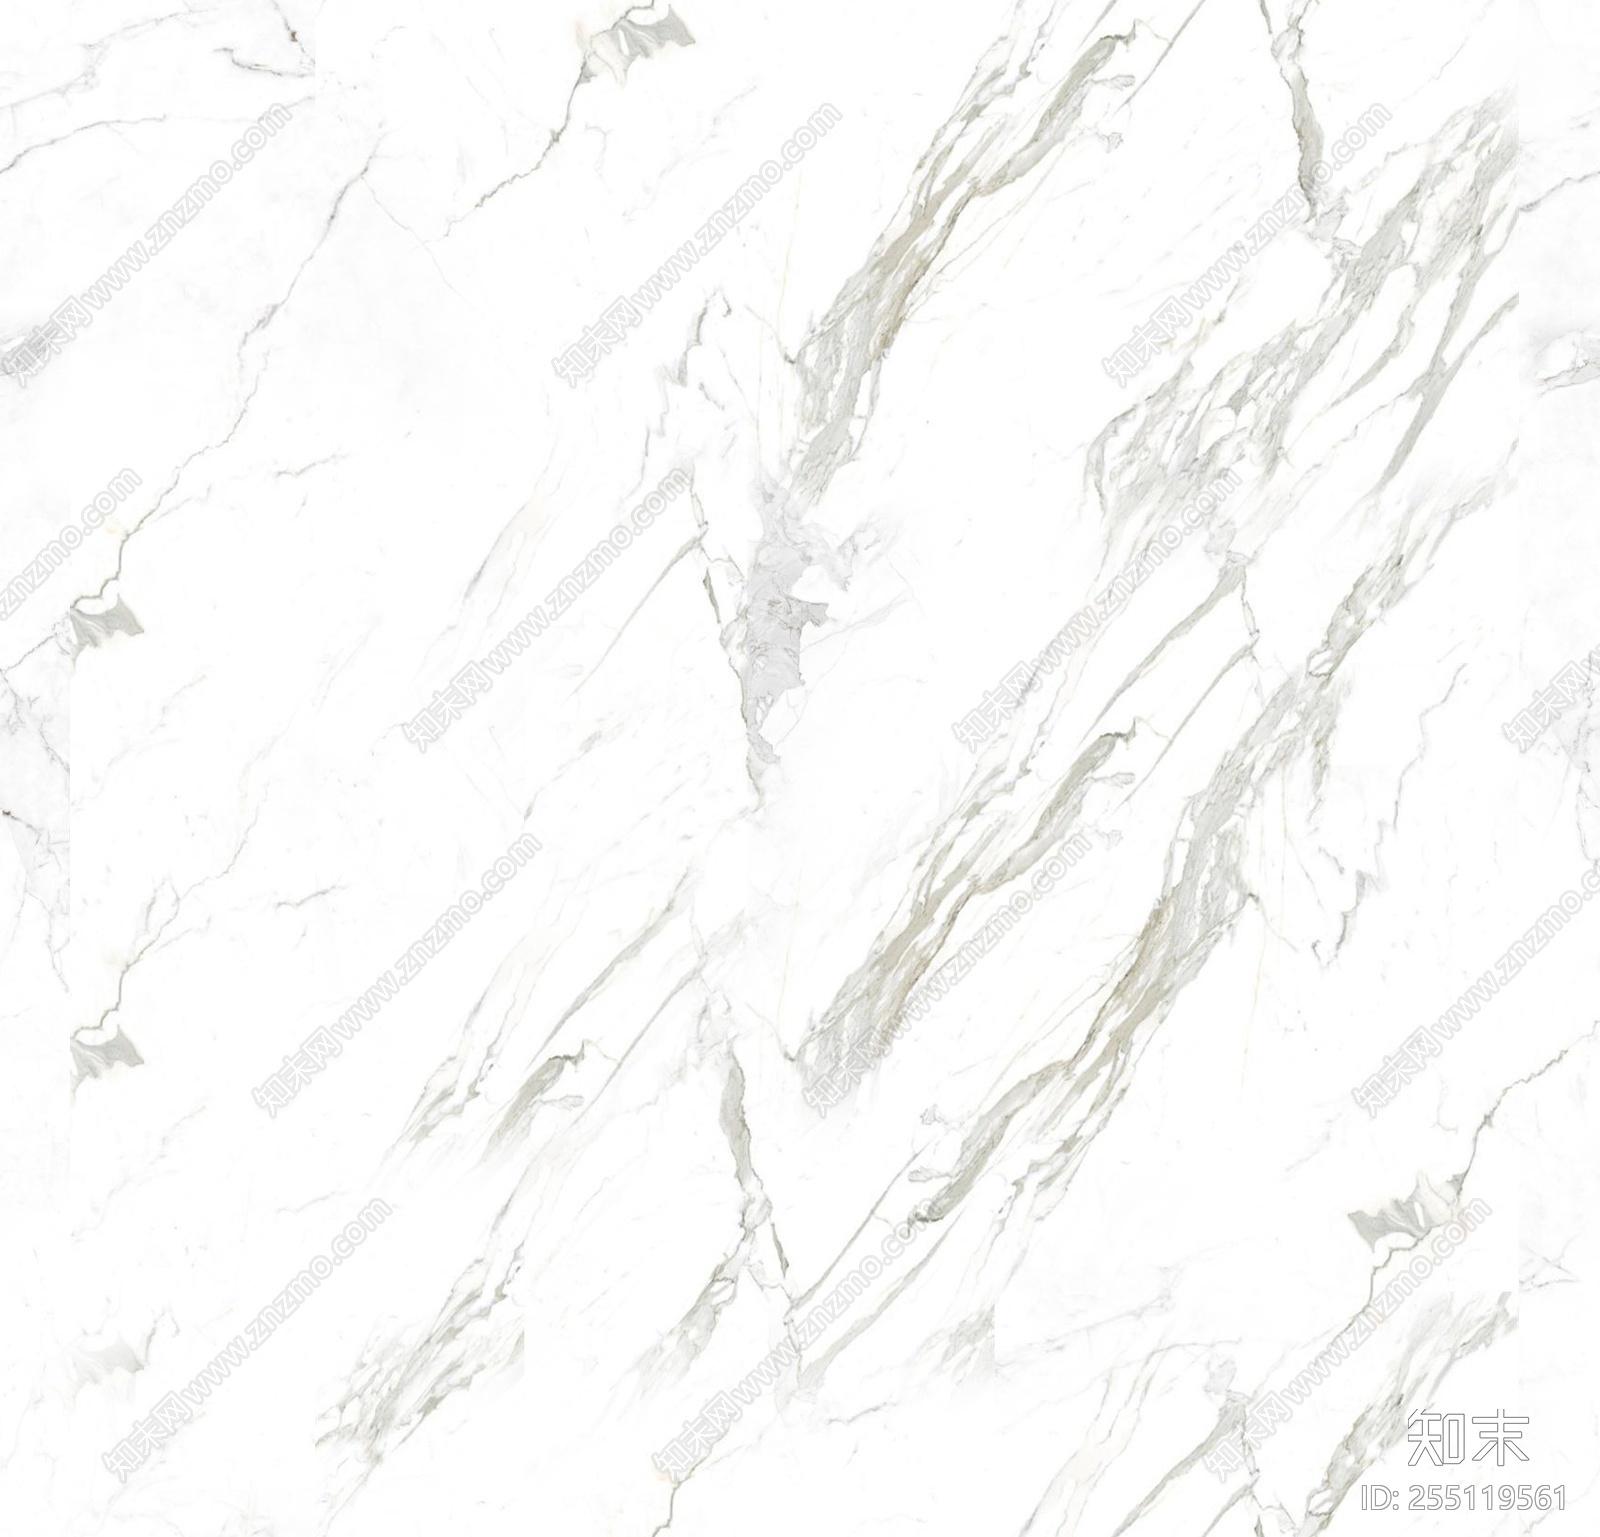 白色石材贴图下载【ID:255119561】